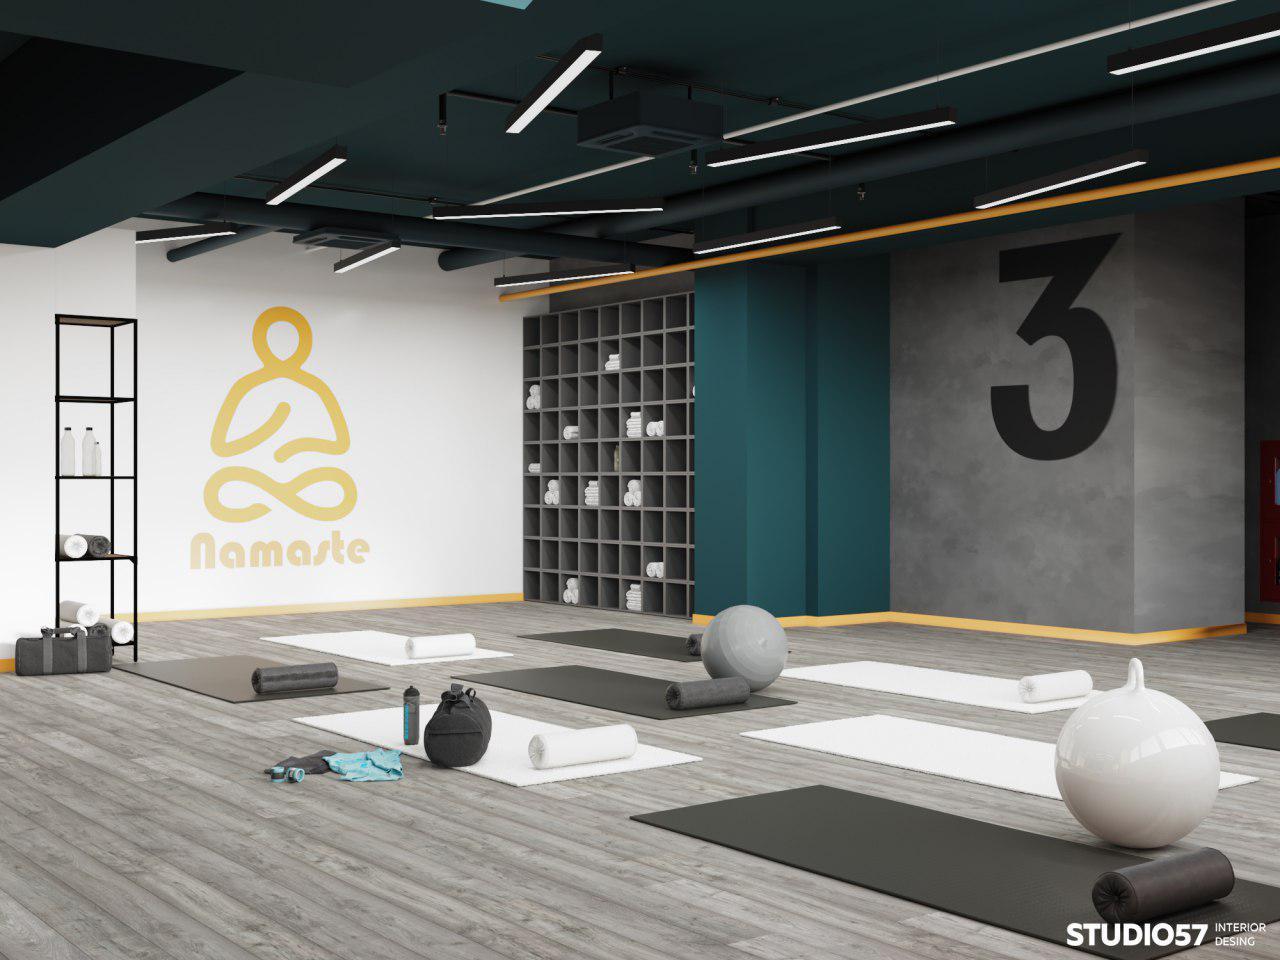 фитнес залы интерьер йога фото